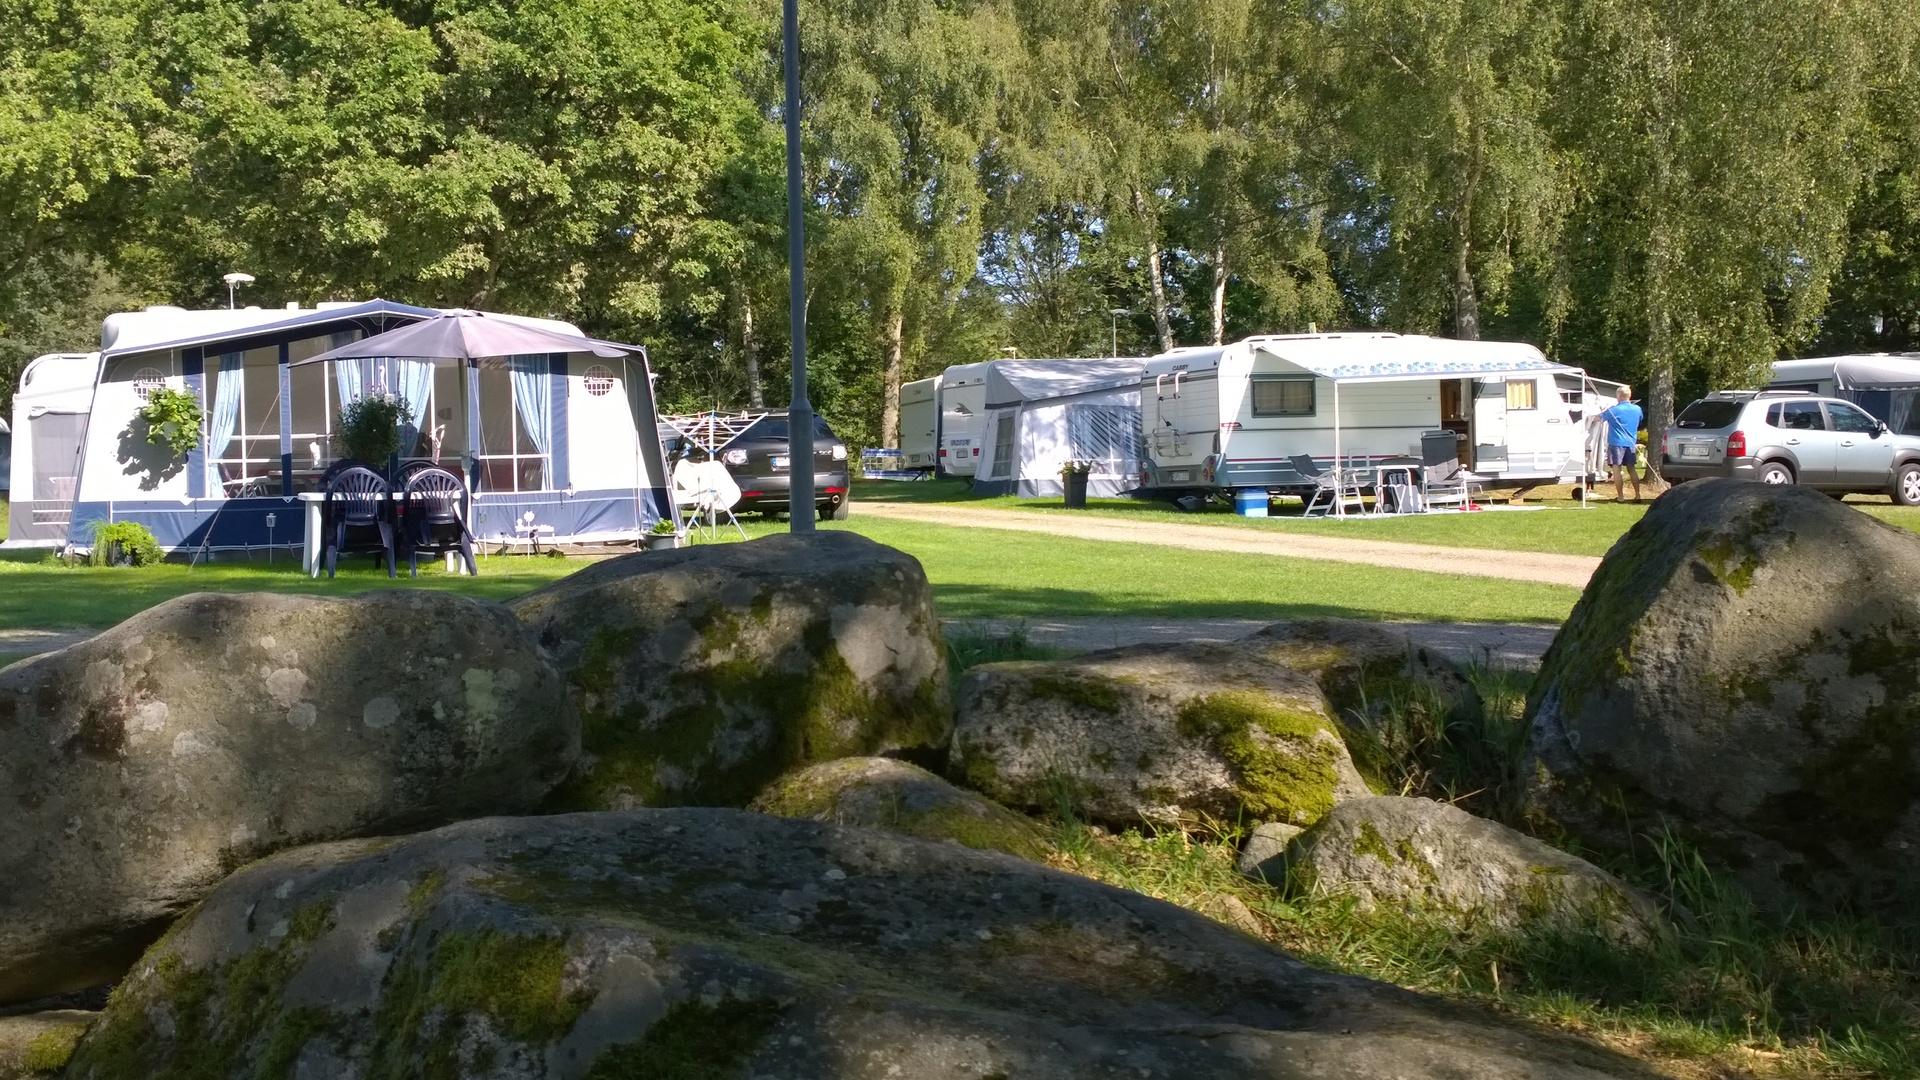 Långasjönäs Camping & Holiday Village